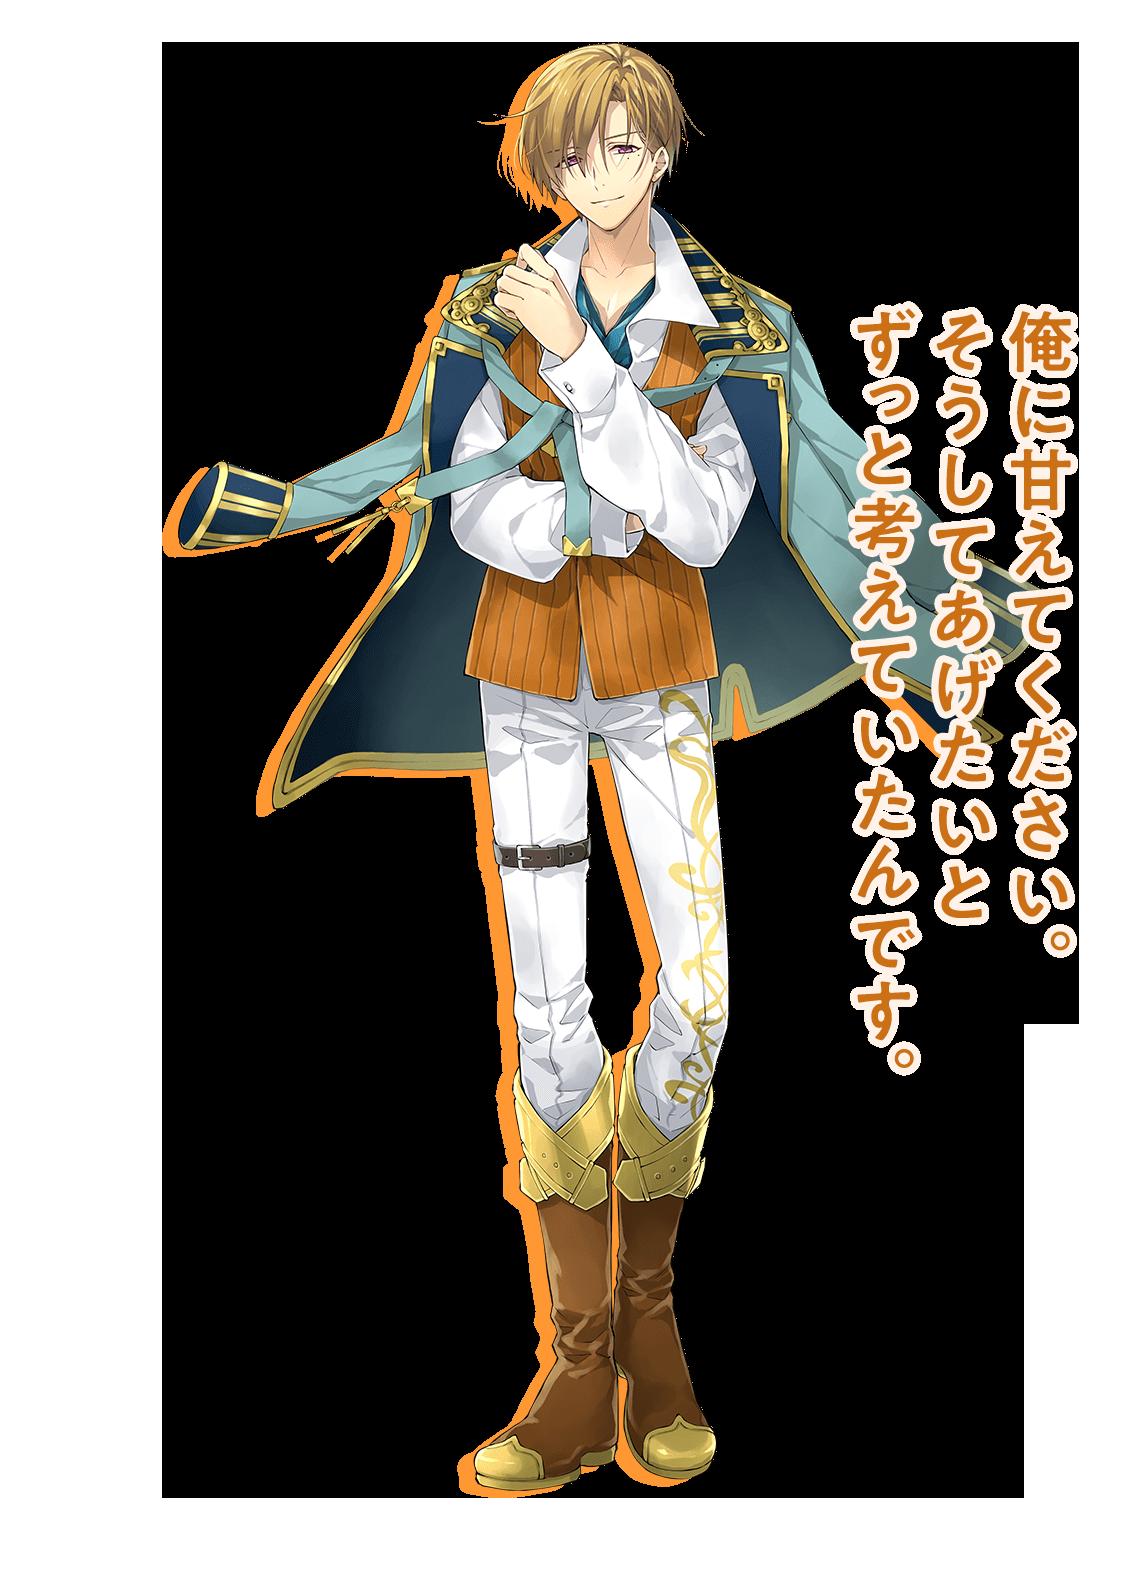 勇気を運ぶ 風の守護聖 ヴァージル